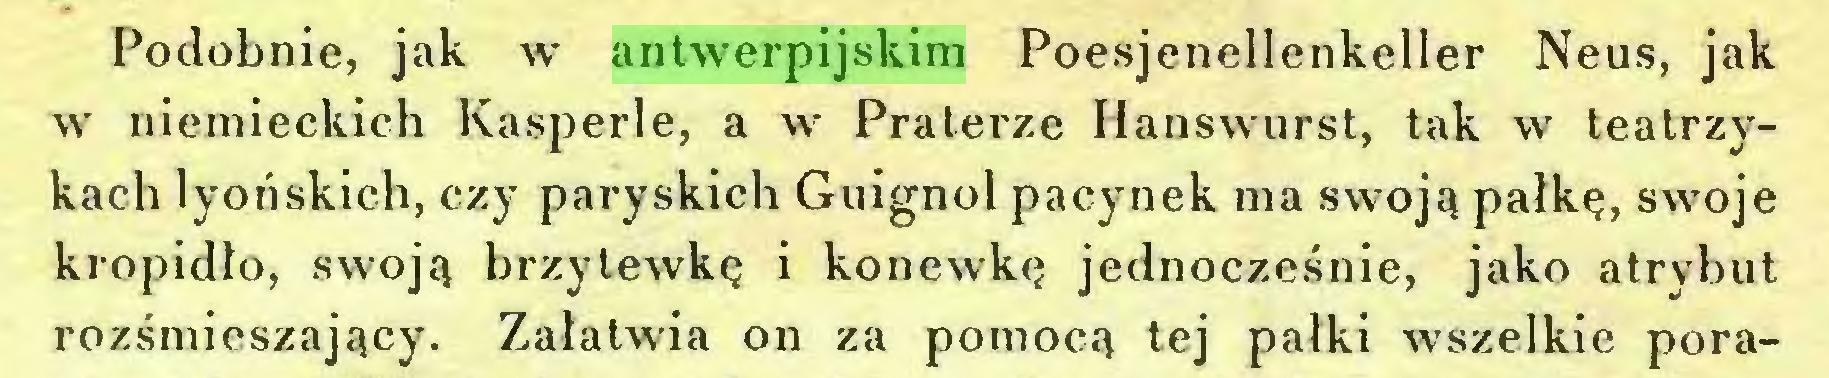 (...) Podobnie, jak w antwerpijskim Poesjenellenkeller Neus, jak w niemieckich Kasperle, a w Praterze Hanswurst, tak w teatrzykach lyońskich, czy paryskich Guignol pacynek ma swoją palkę, swoje kropidło, swoją brzytewkę i konewkę jednocześnie, jako atrybut rozśmieszający. Załatwia on za pomocą tej pałki wszelkie pora...